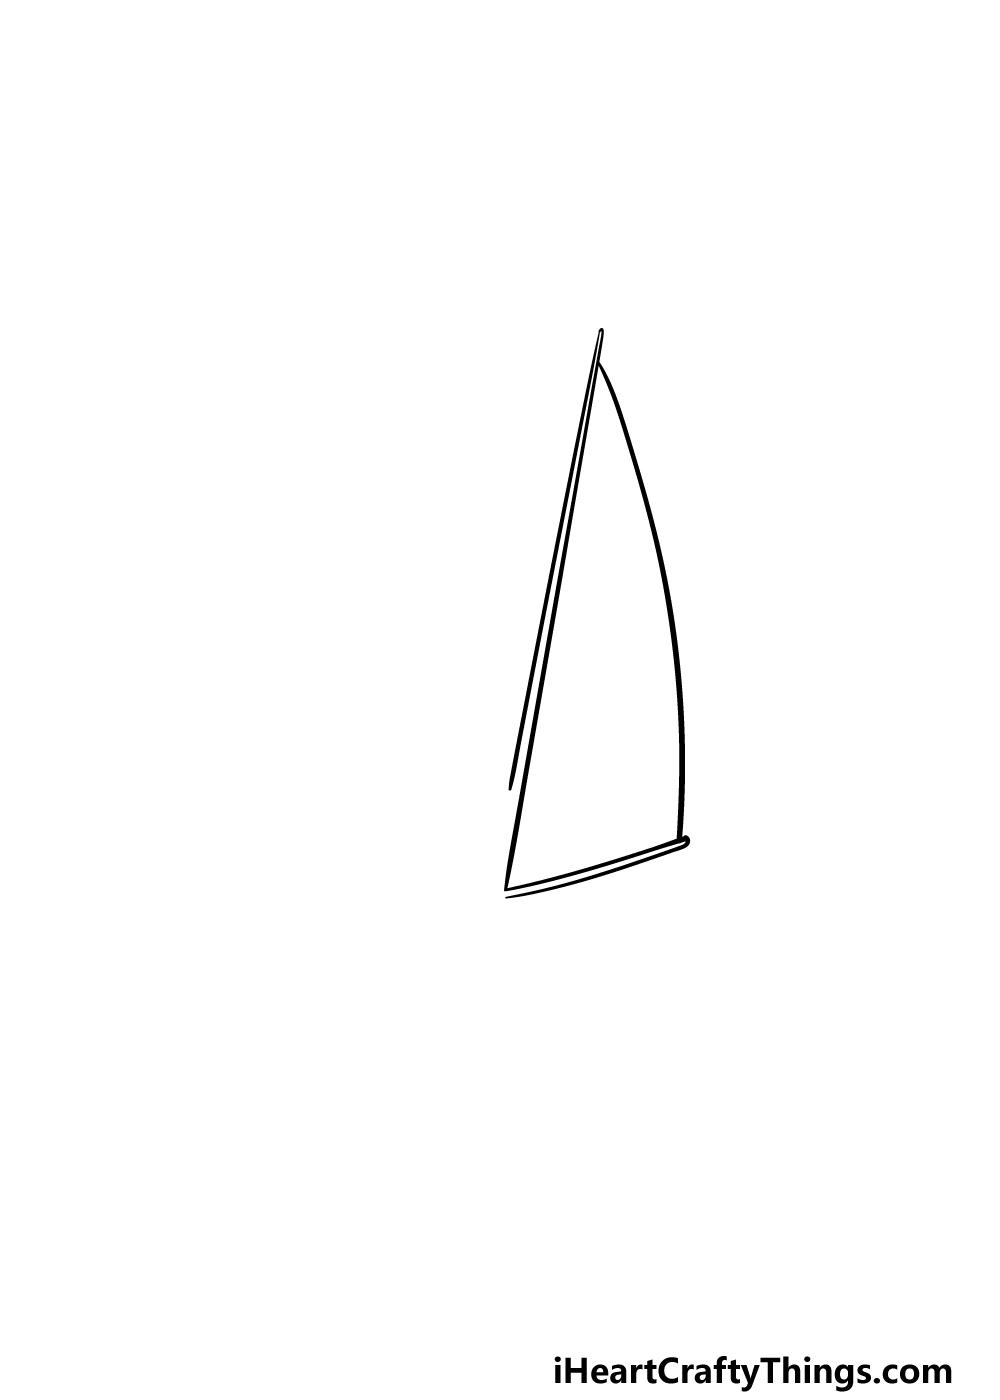 drawing a sailboat step 1